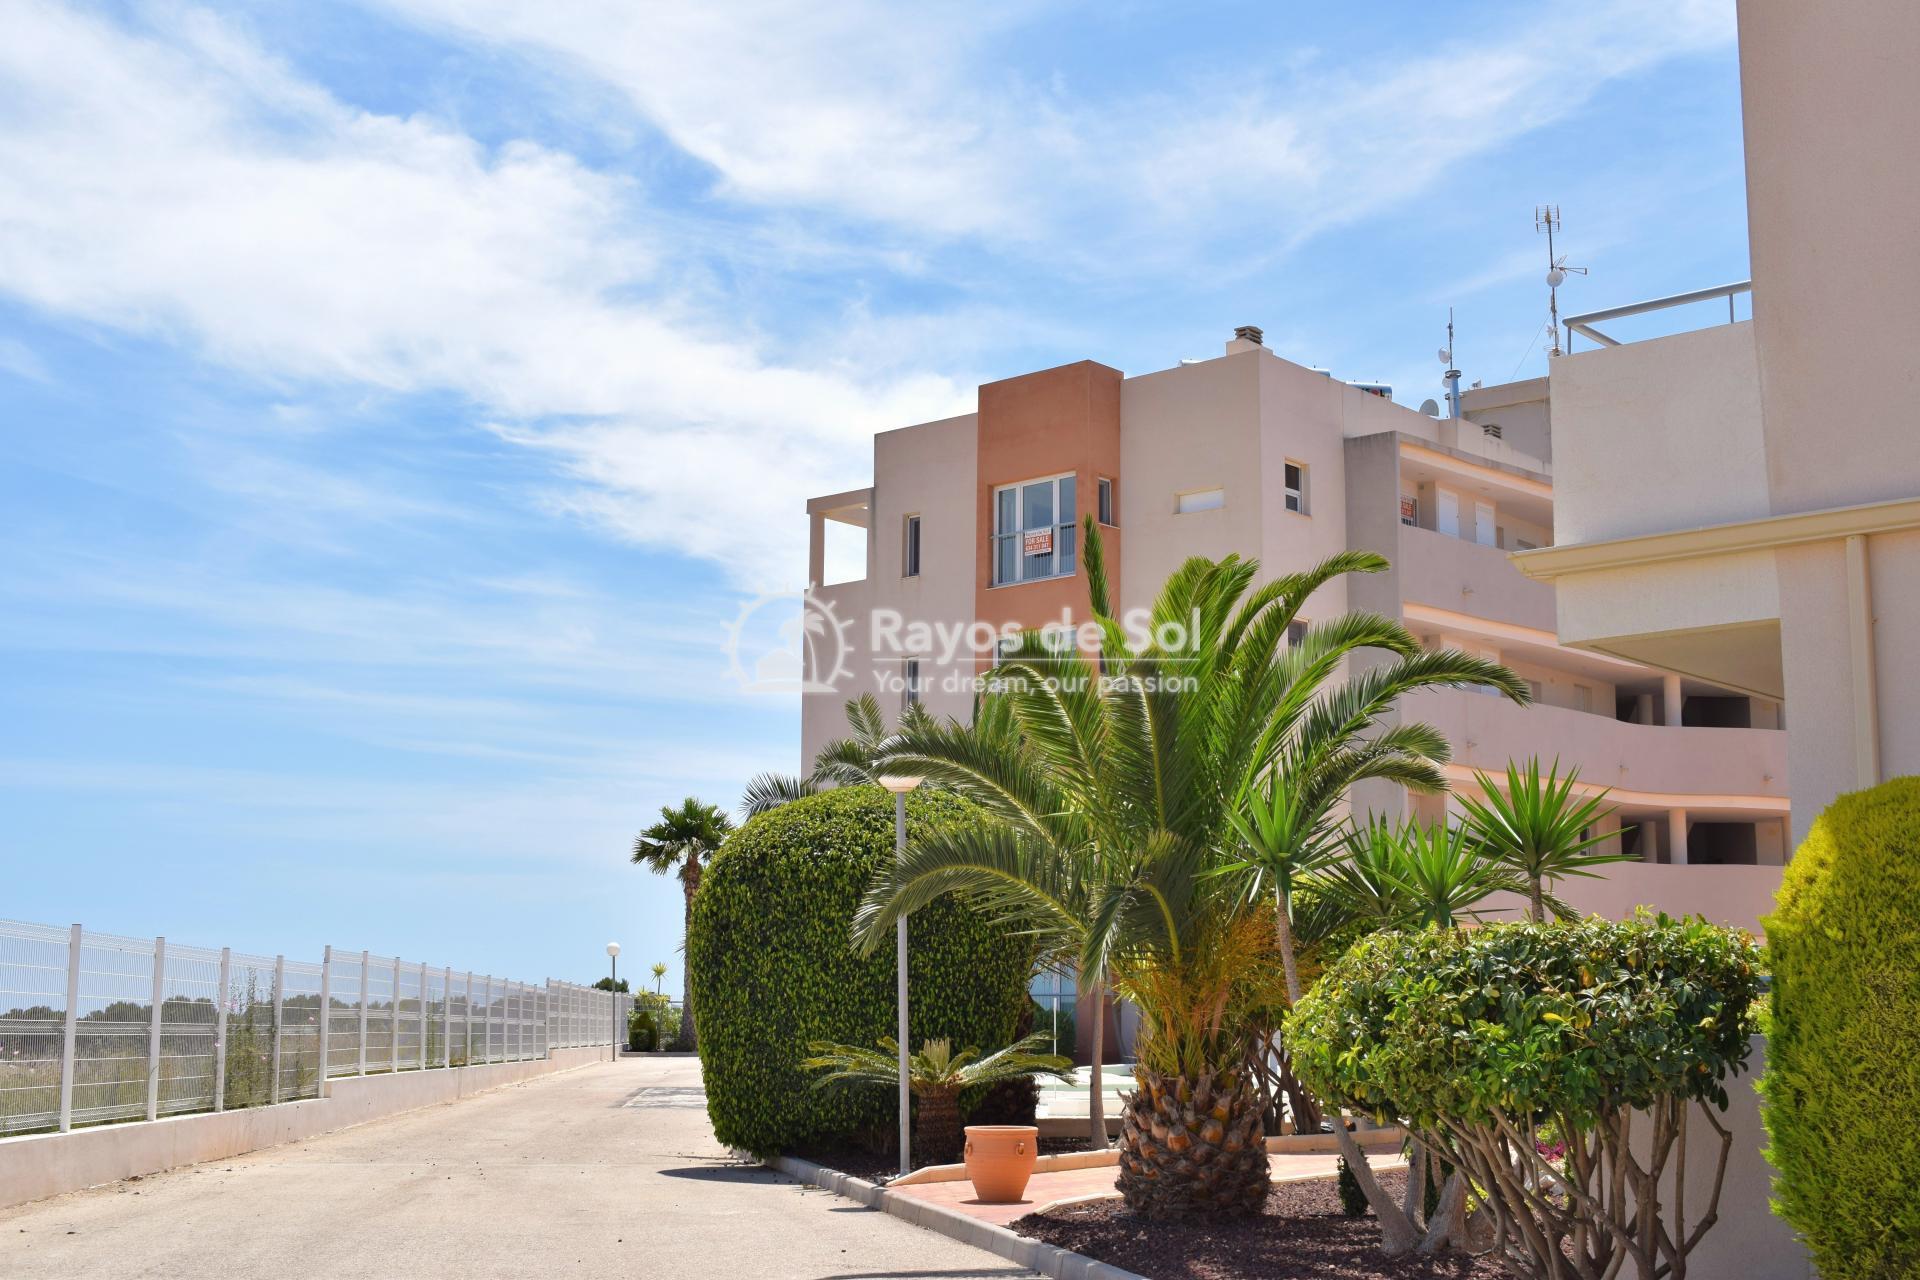 Penthouse met schitterend uitzicht  in La Zenia, Orihuela Costa, Costa Blanca (VIRE0001) - 2